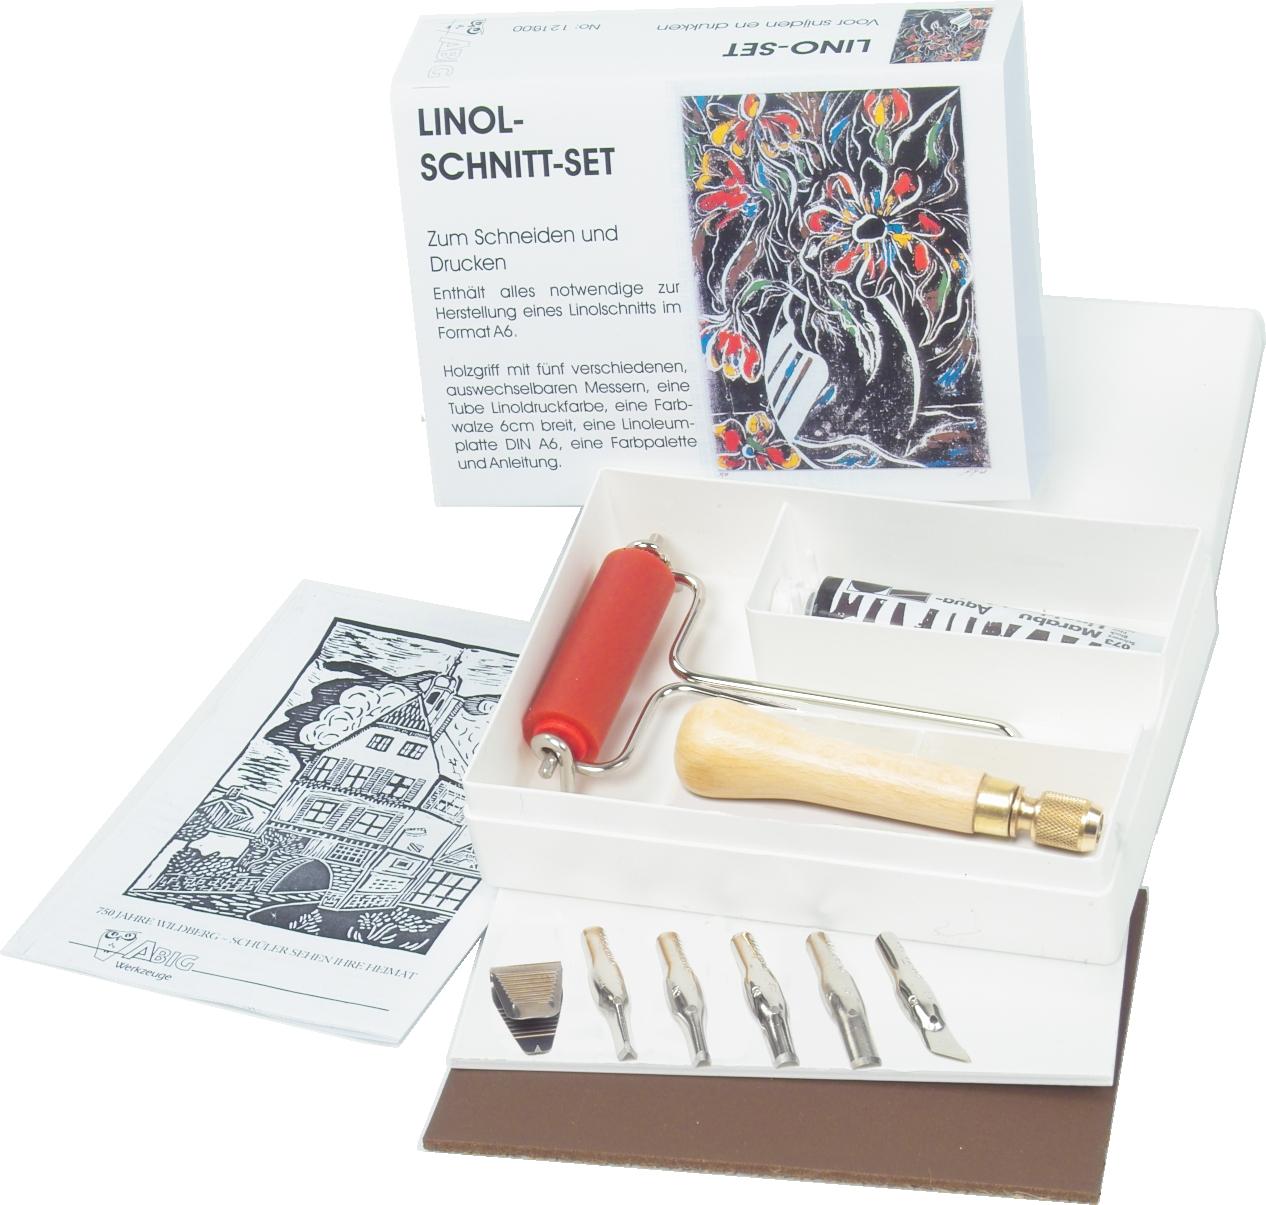 Linolschnitt Set mit Sicherheitshalter für den Linoldruck